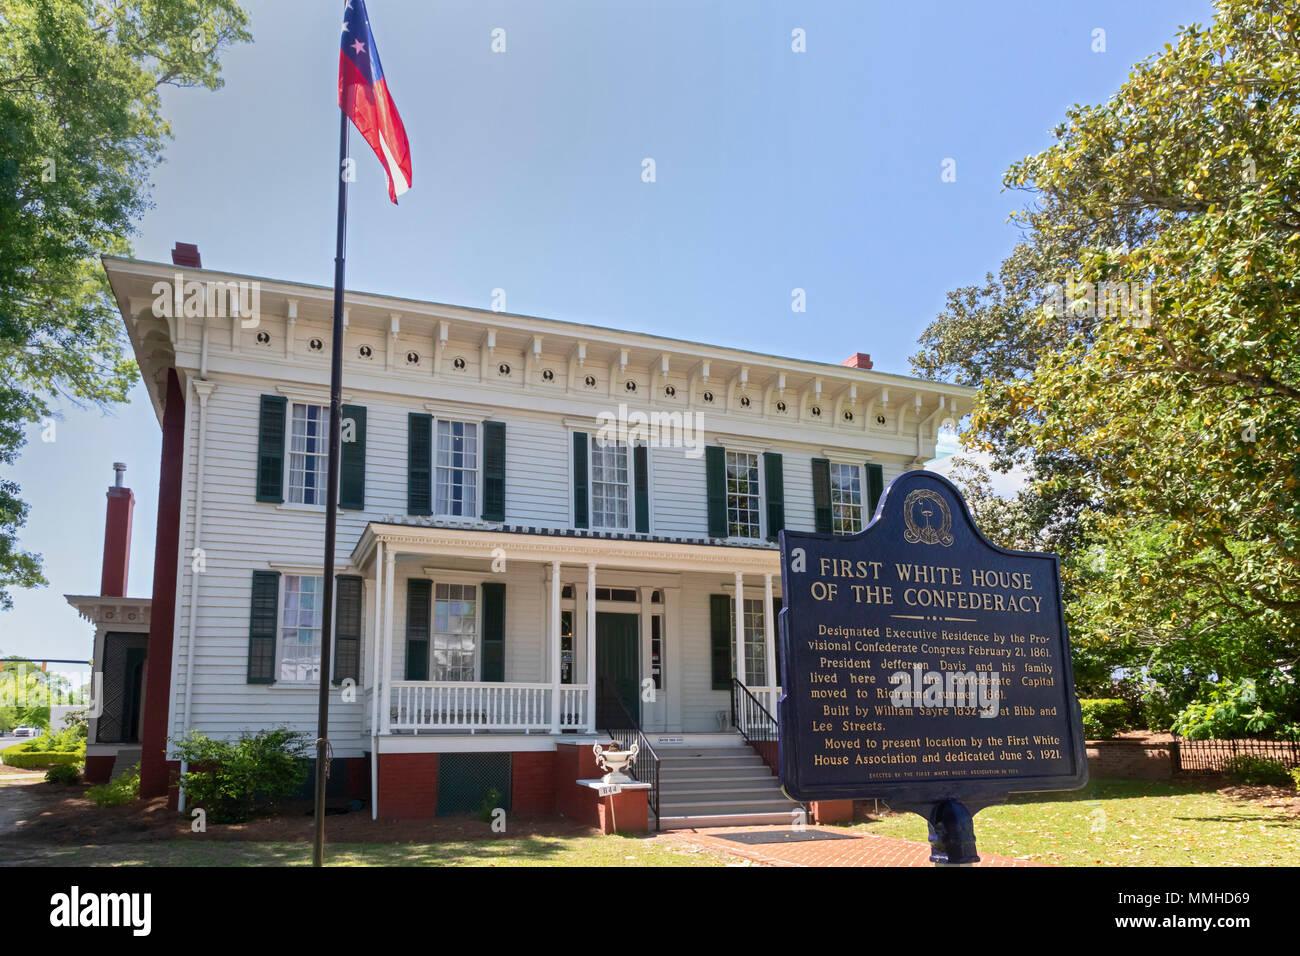 Montgomery, Alabama - La primera casa blanca de la Confederación. Jefferson Davis, presidente de los Estados Confederados, vivió aquí hasta que el ejército confederado Foto de stock